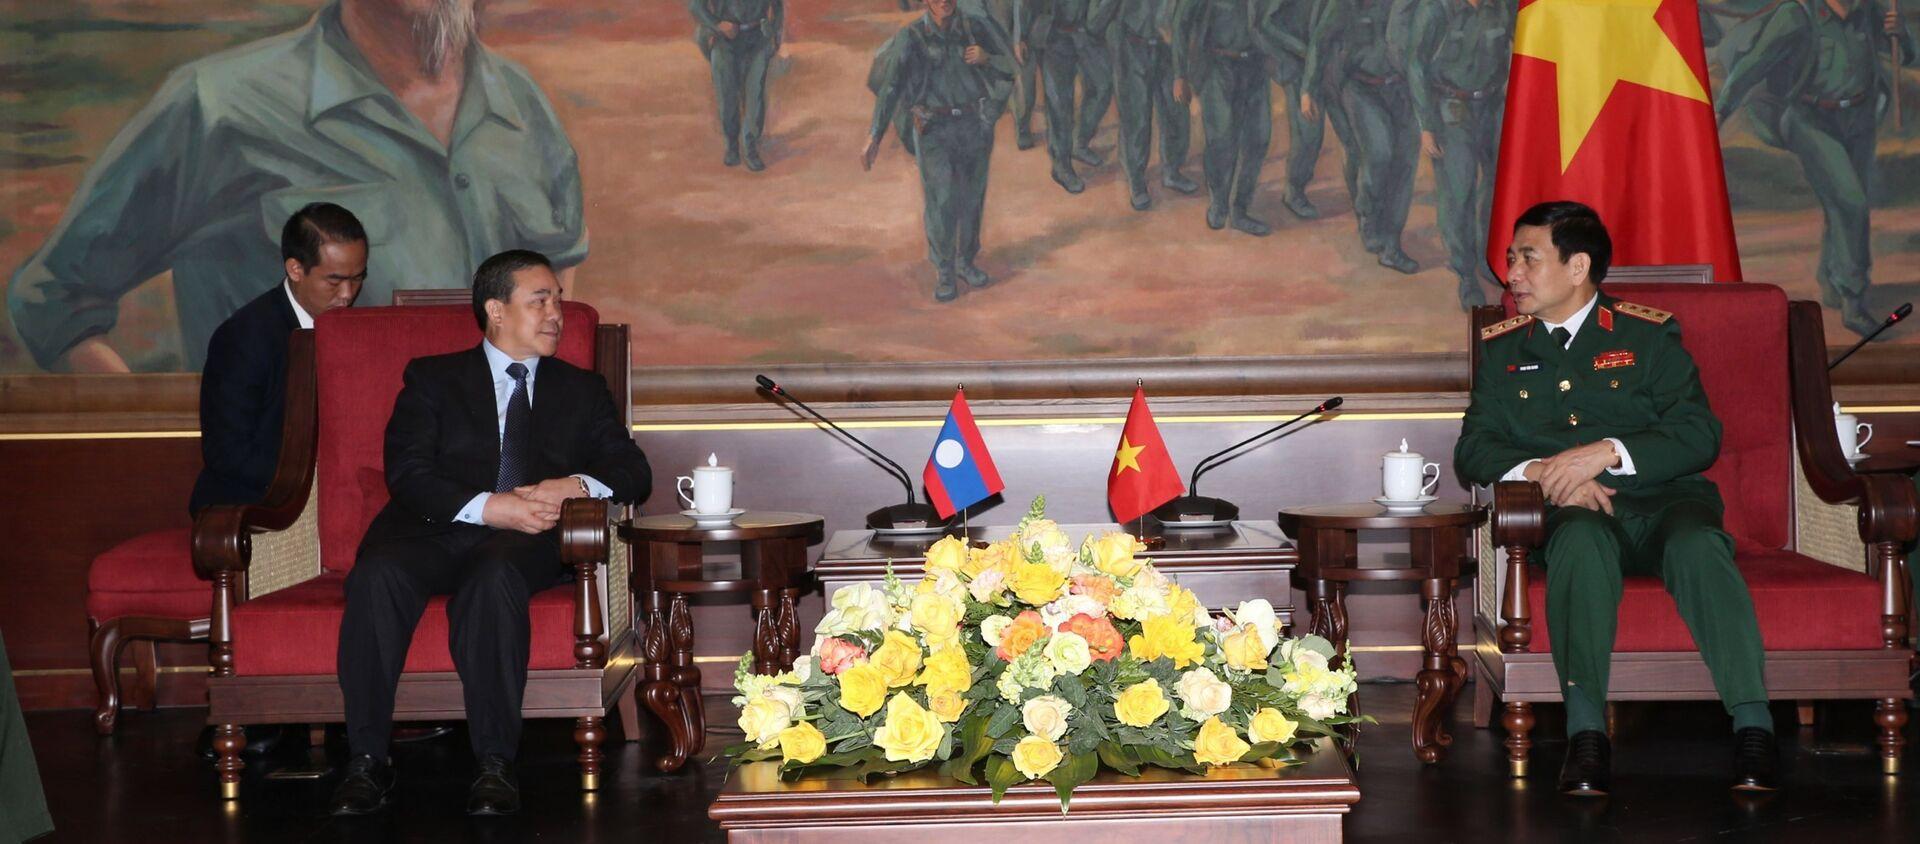 Thượng tướng Phan Văn Giang tiếp Đại sứ Lào tại Việt Nam Sengphet Houngboungnuang. - Sputnik Việt Nam, 1920, 15.04.2021